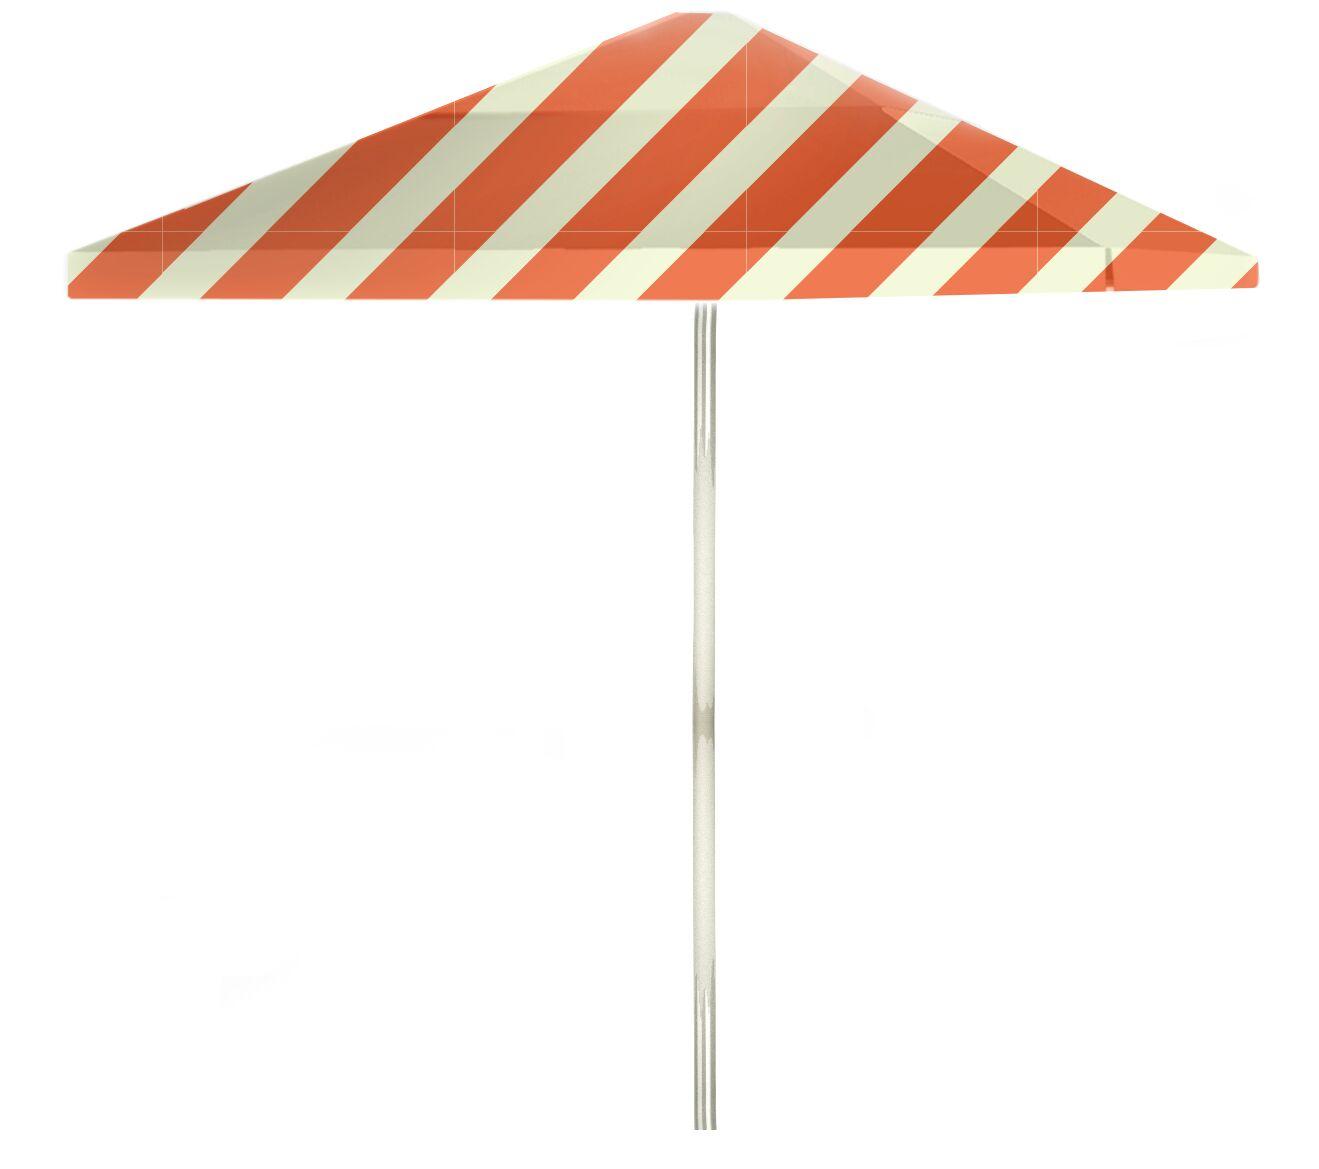 6' Square Market Umbrella Color: Orange/Sherbet